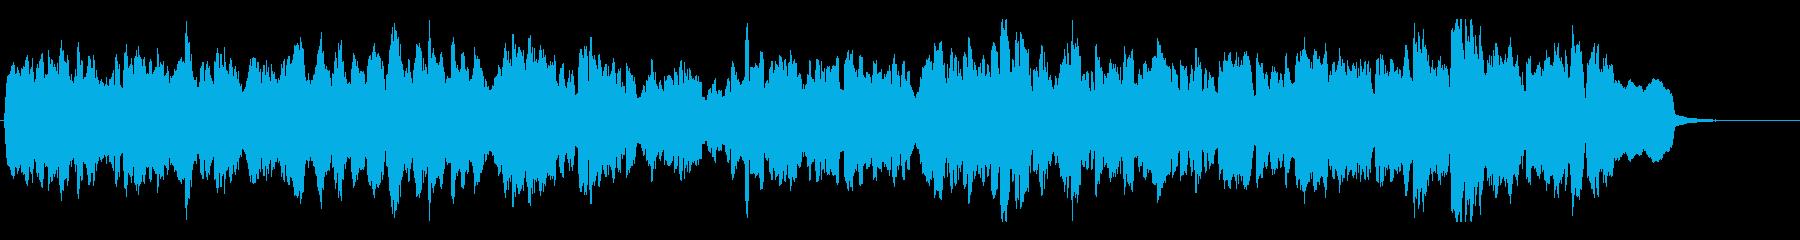 フルートとファゴットで爽やか二重奏バッハの再生済みの波形